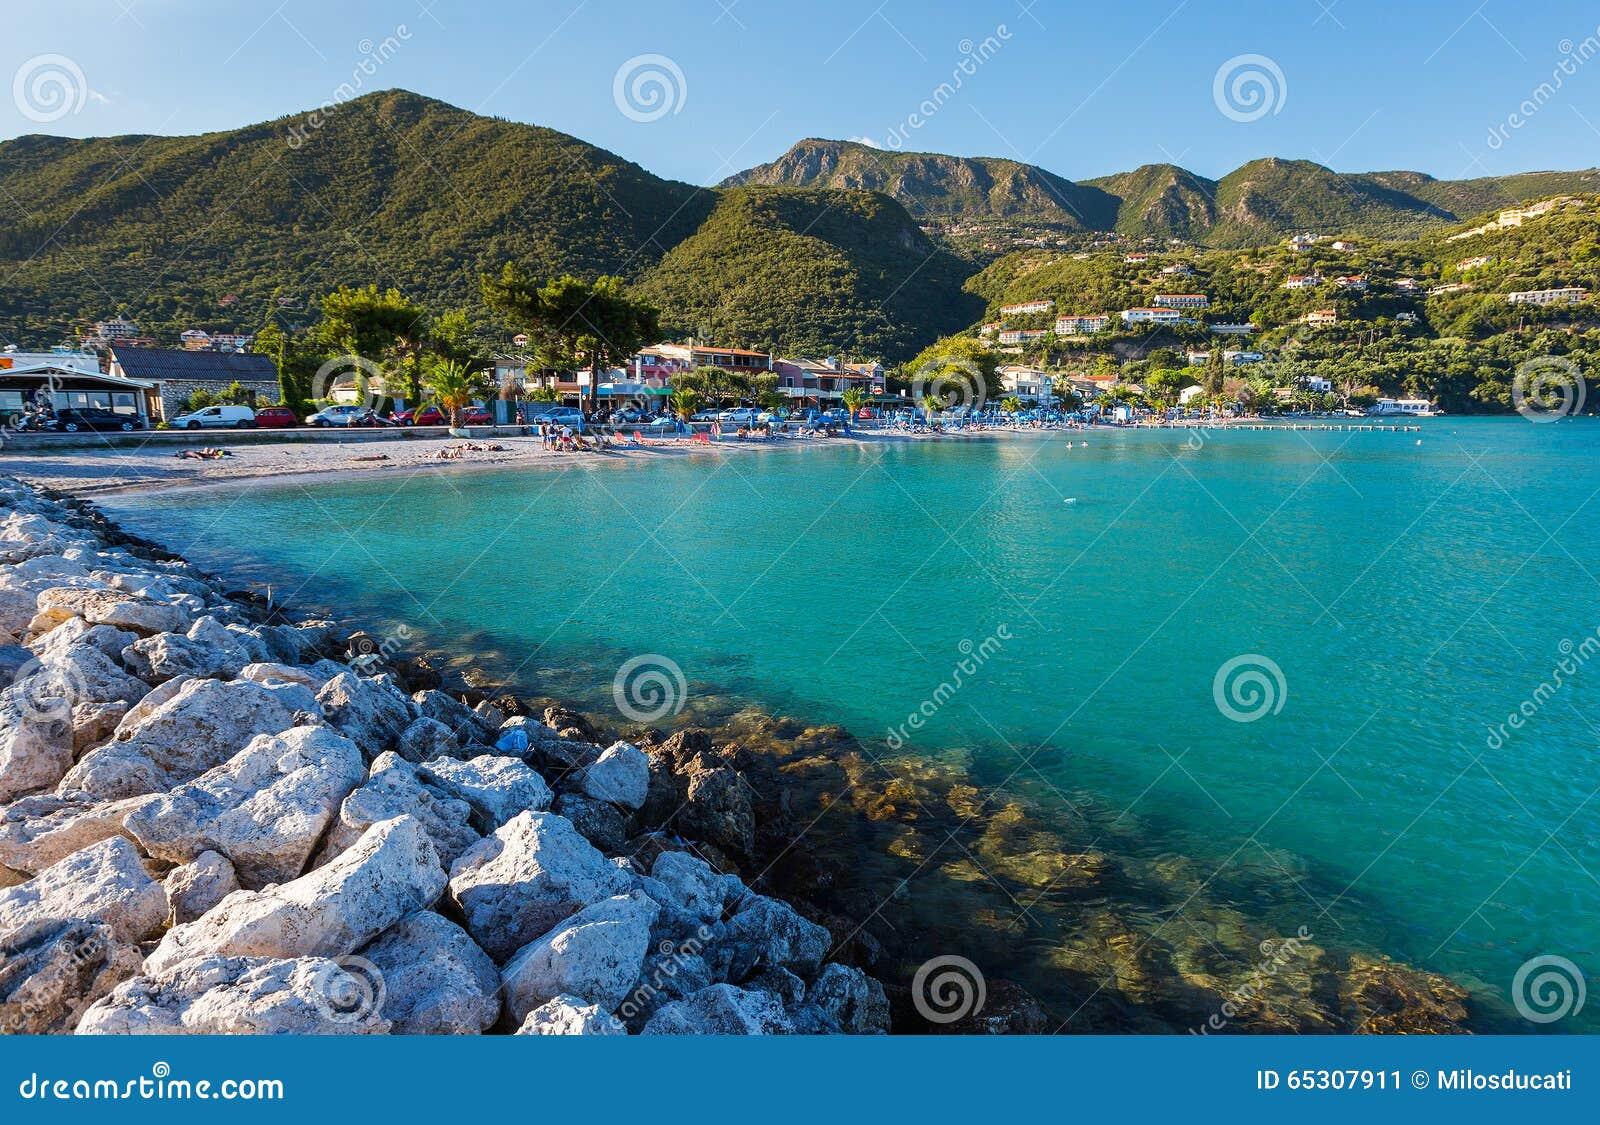 пляж ипсос корфу фото